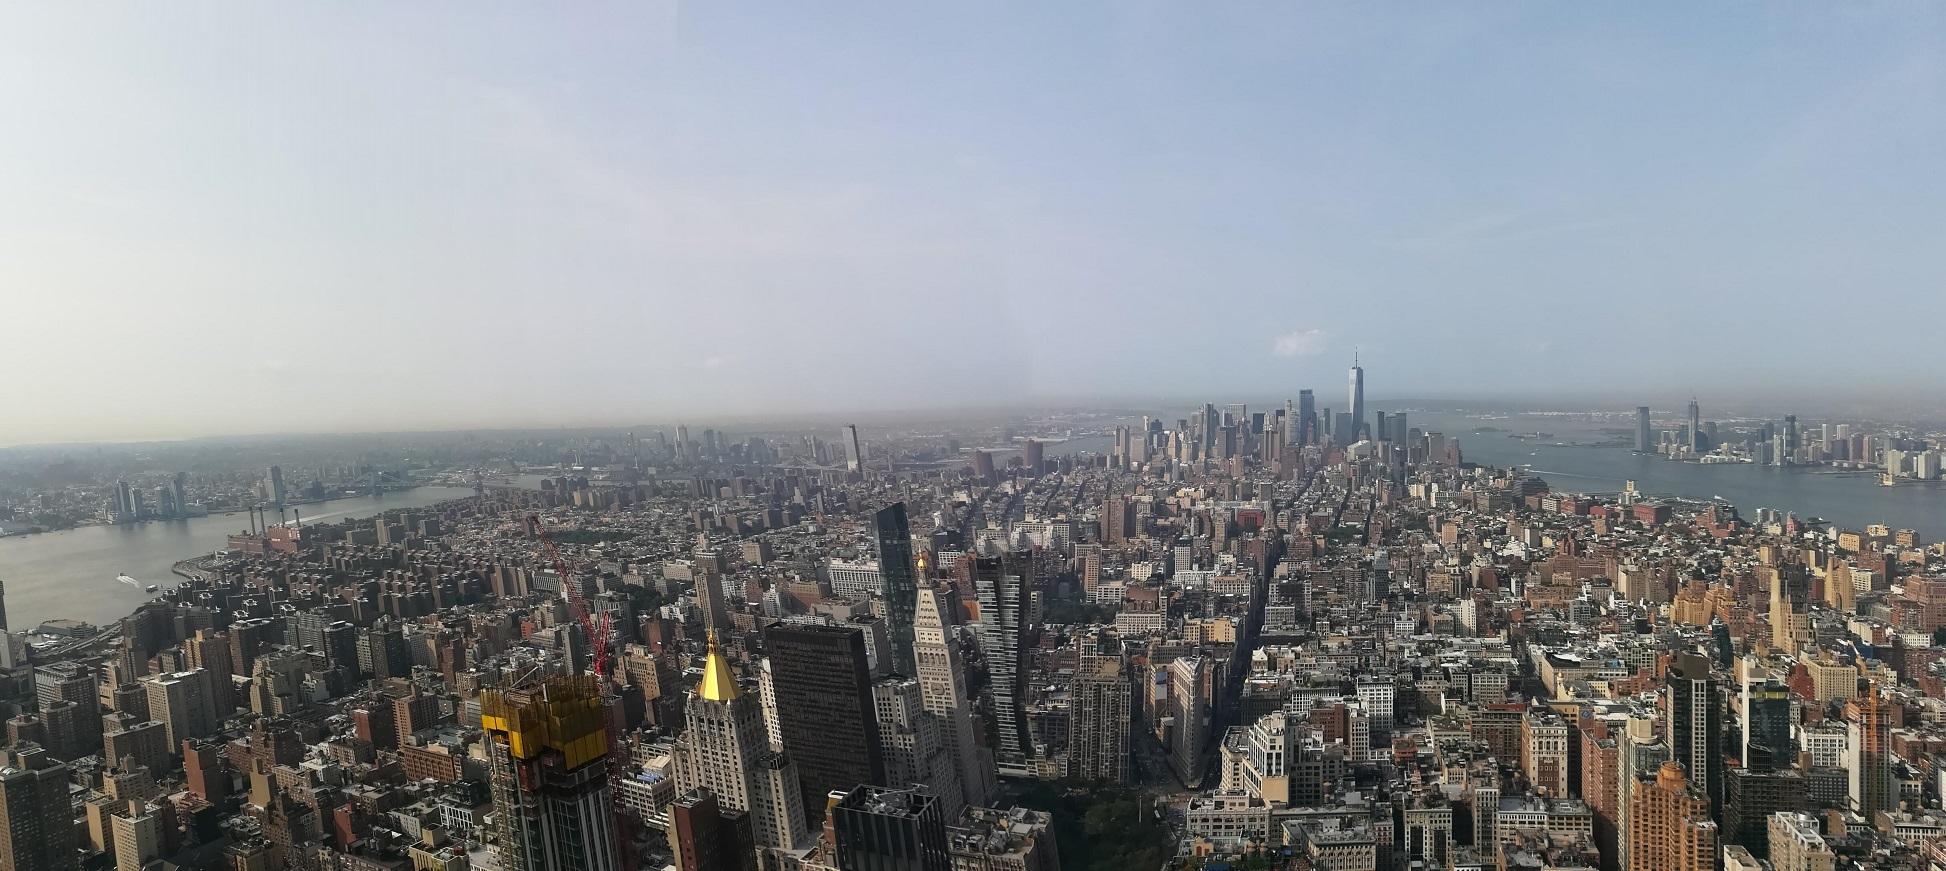 Blick vom Empire State Building auf Lower Manhatten eines unserer New York Highlights